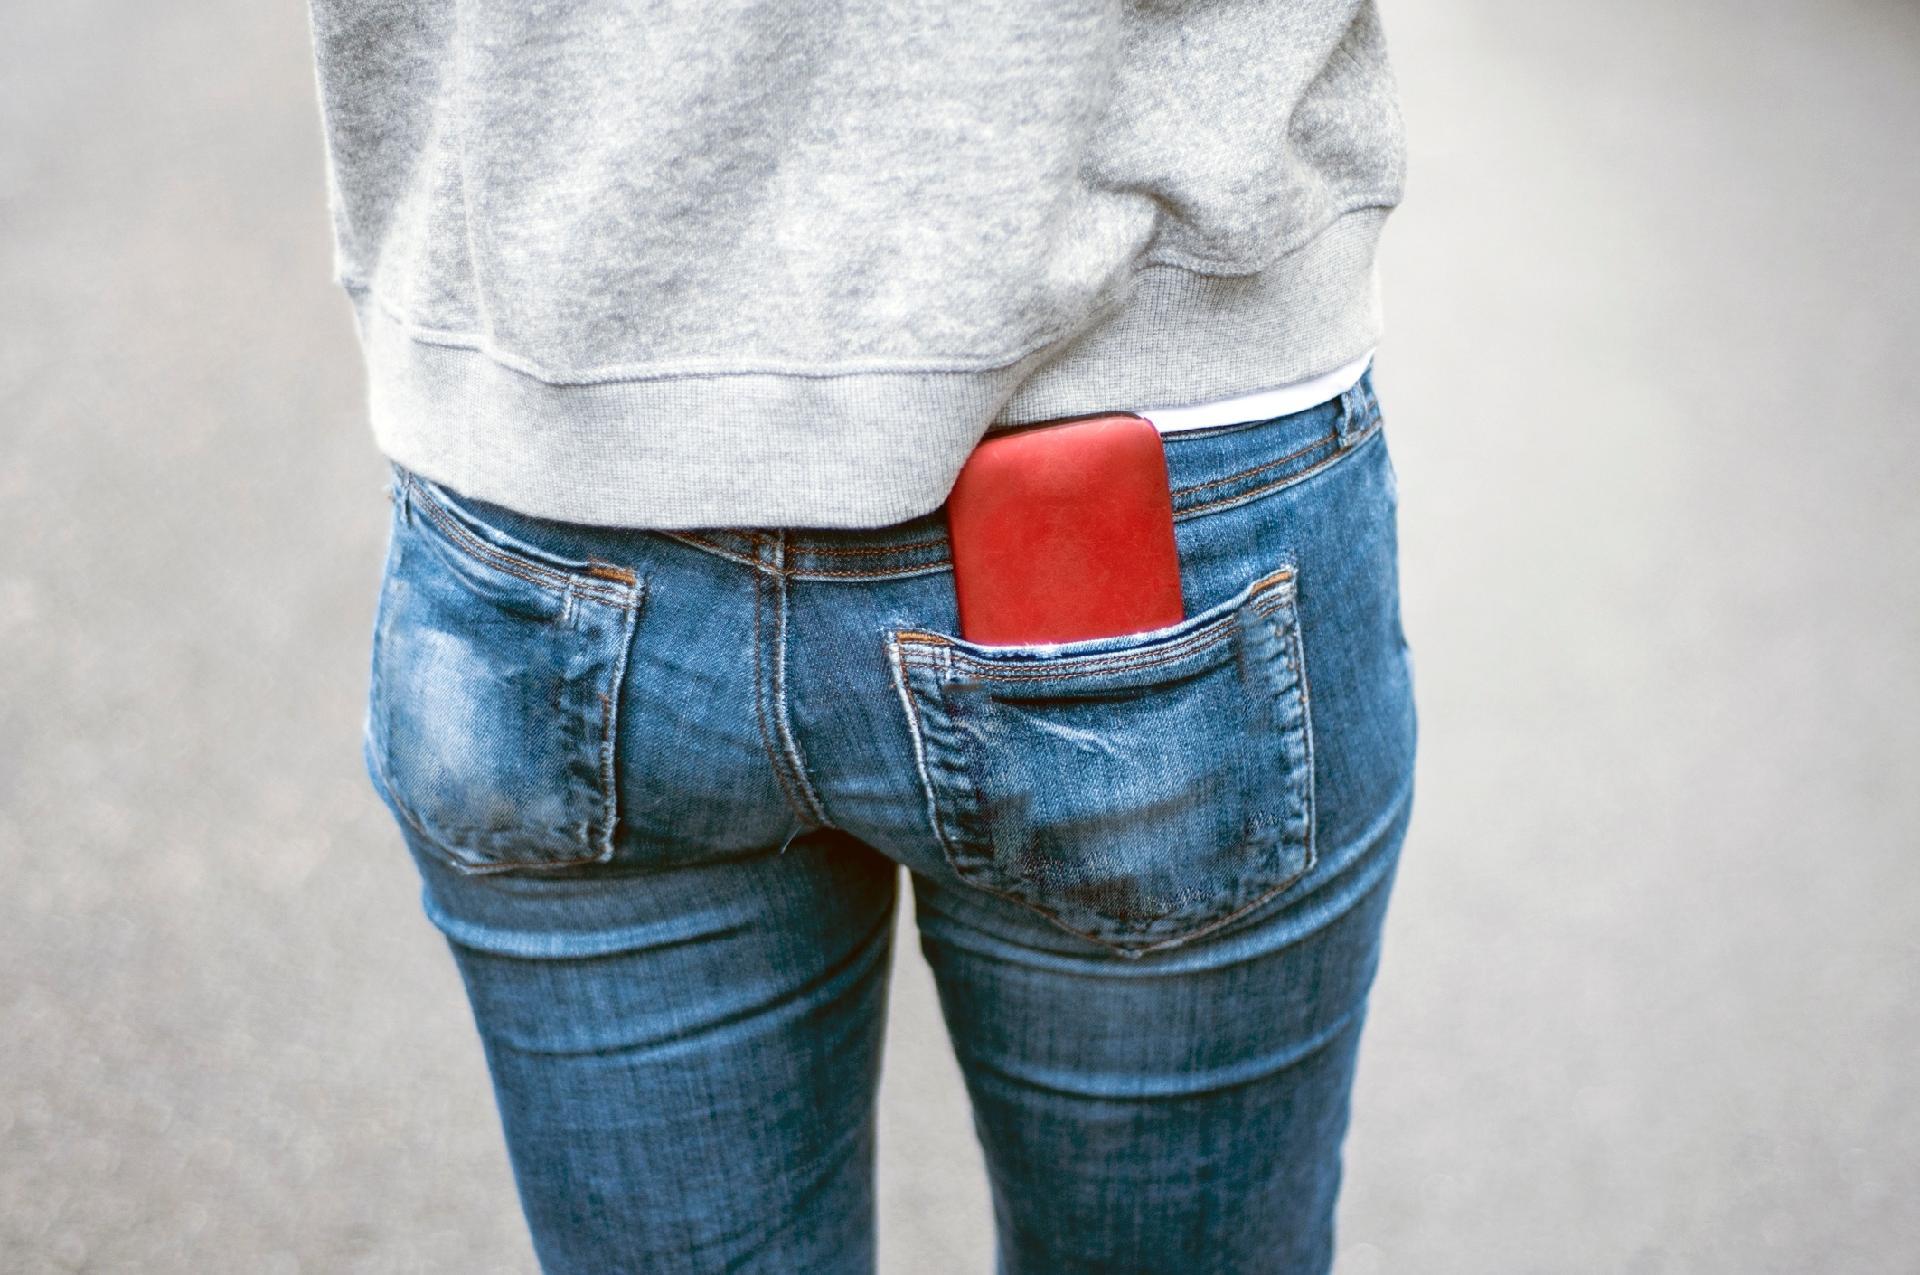 9b56d38ad Por que as roupas femininas têm menos bolsos do que as masculinas? -  07/02/2019 - UOL Universa